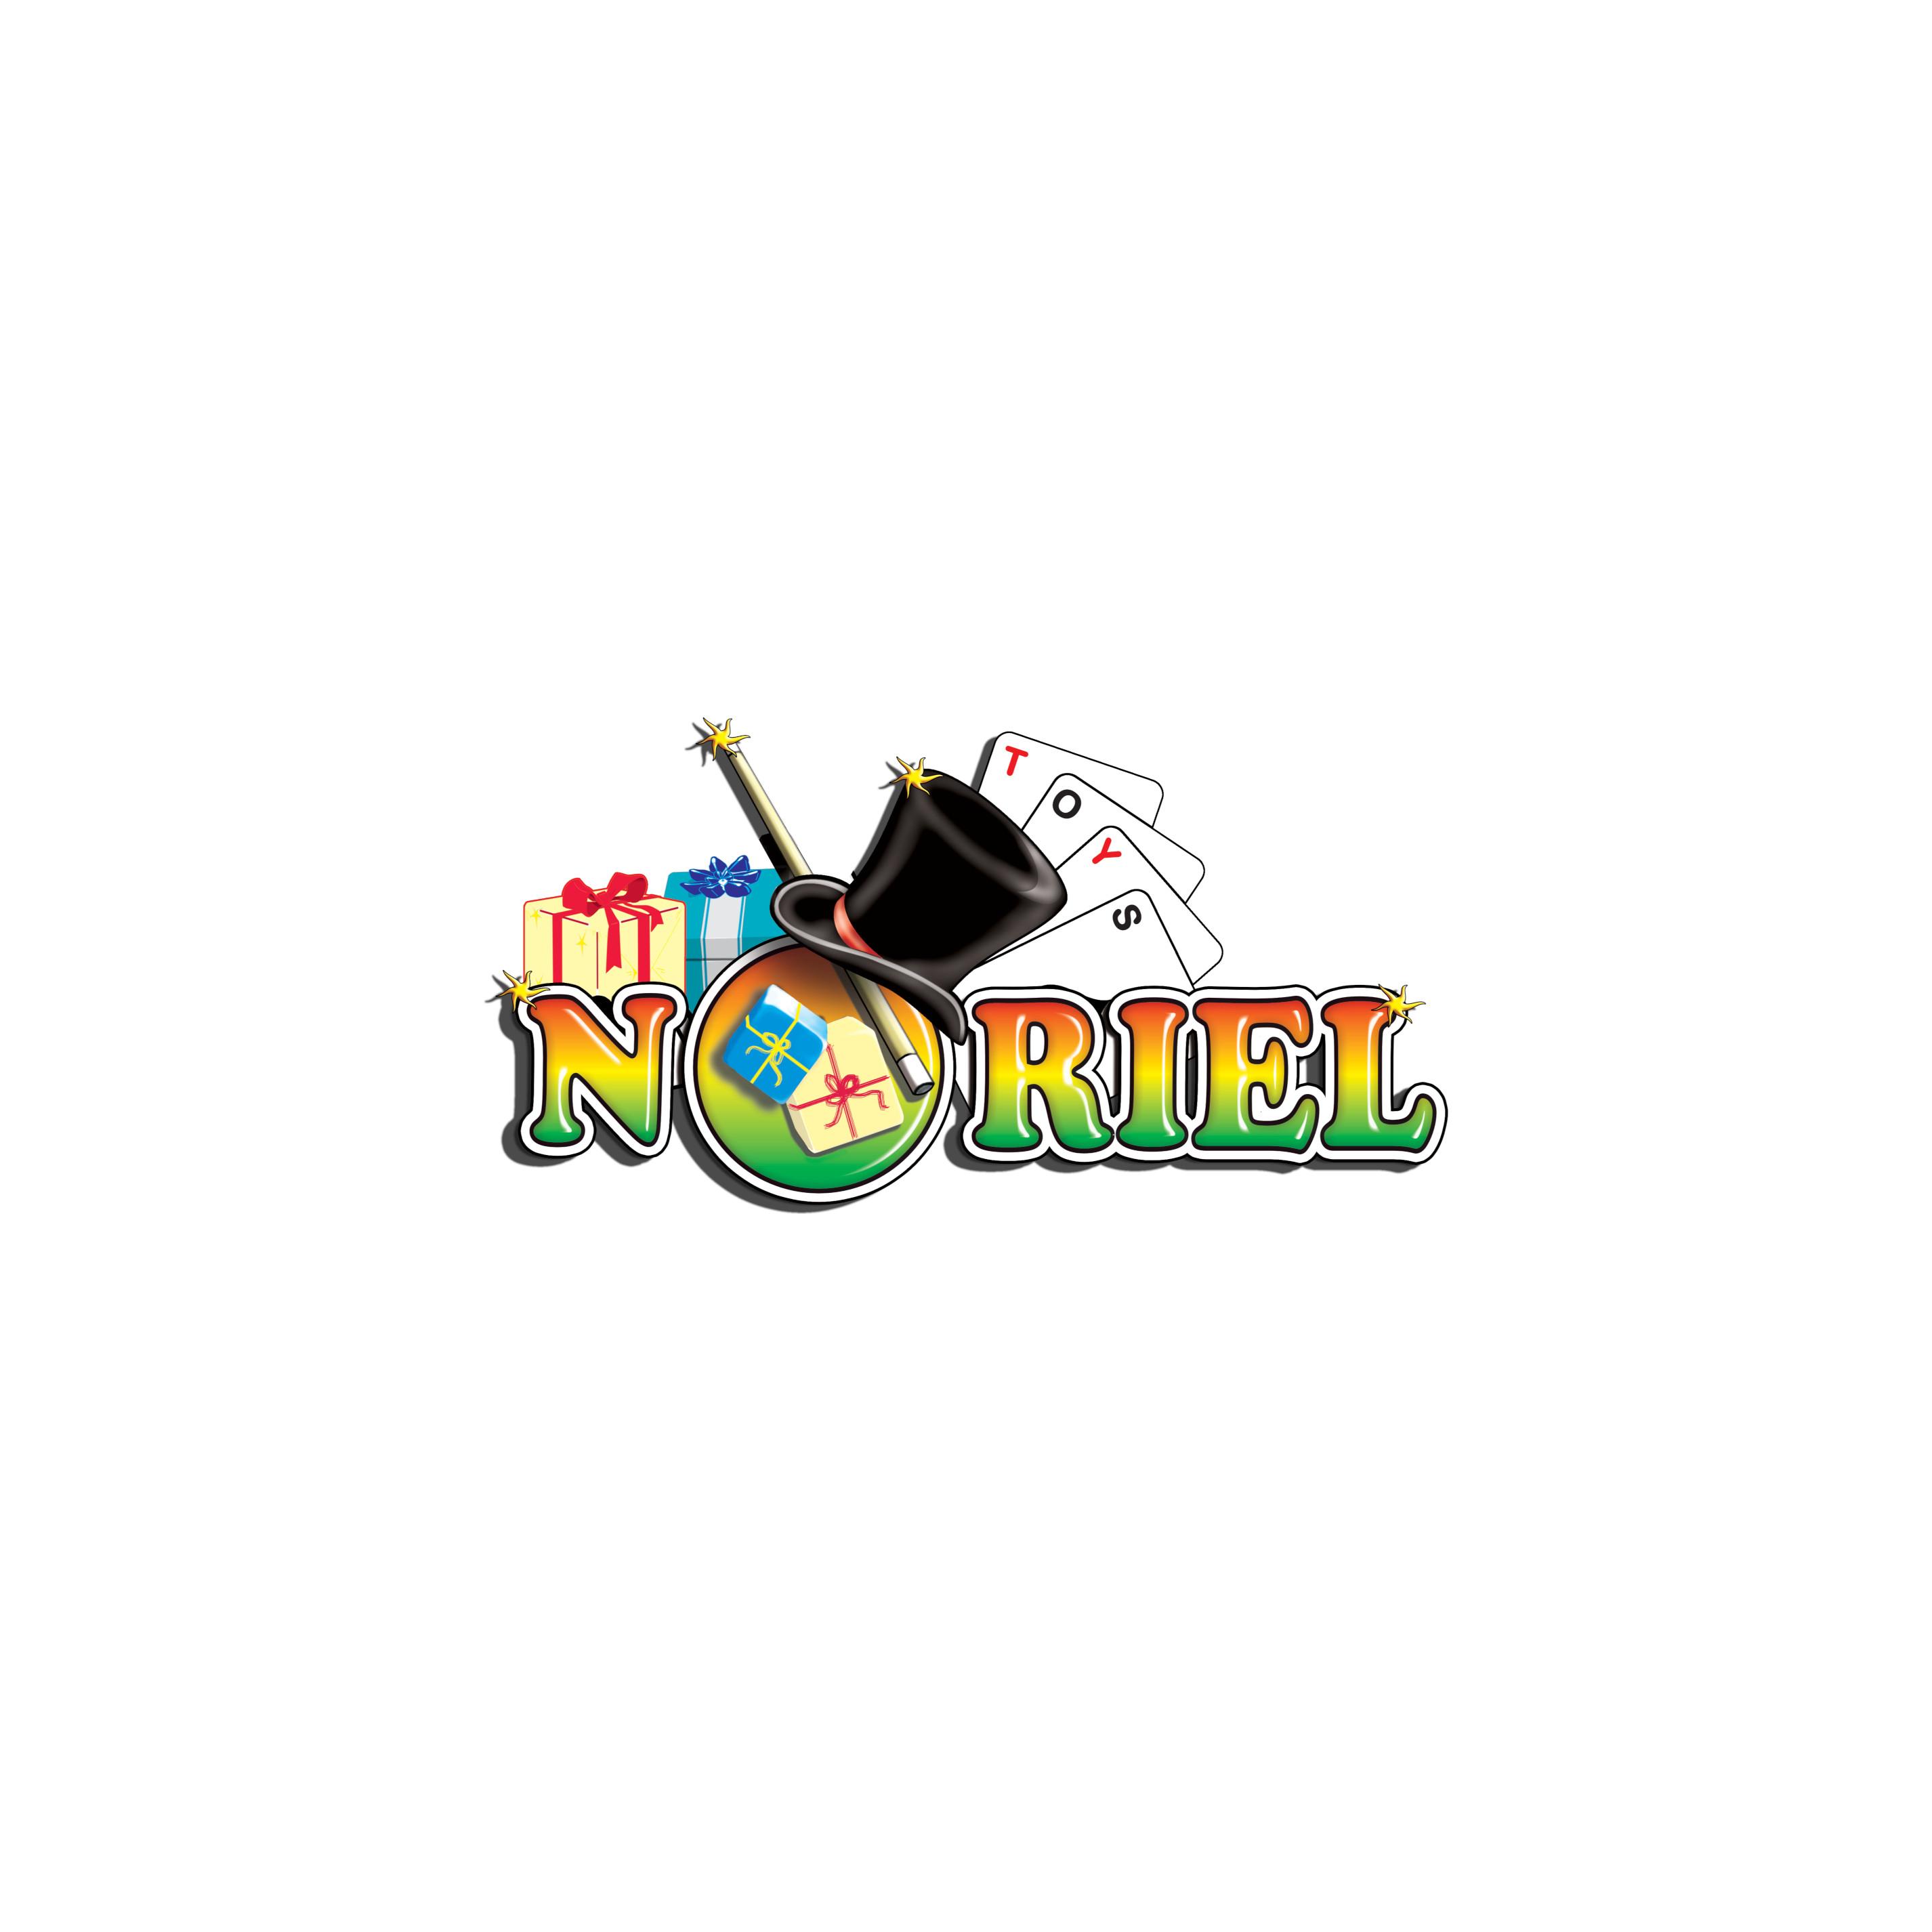 34110192 Caciula de fete cu imprimeu Ursulet, Minoti Lodge